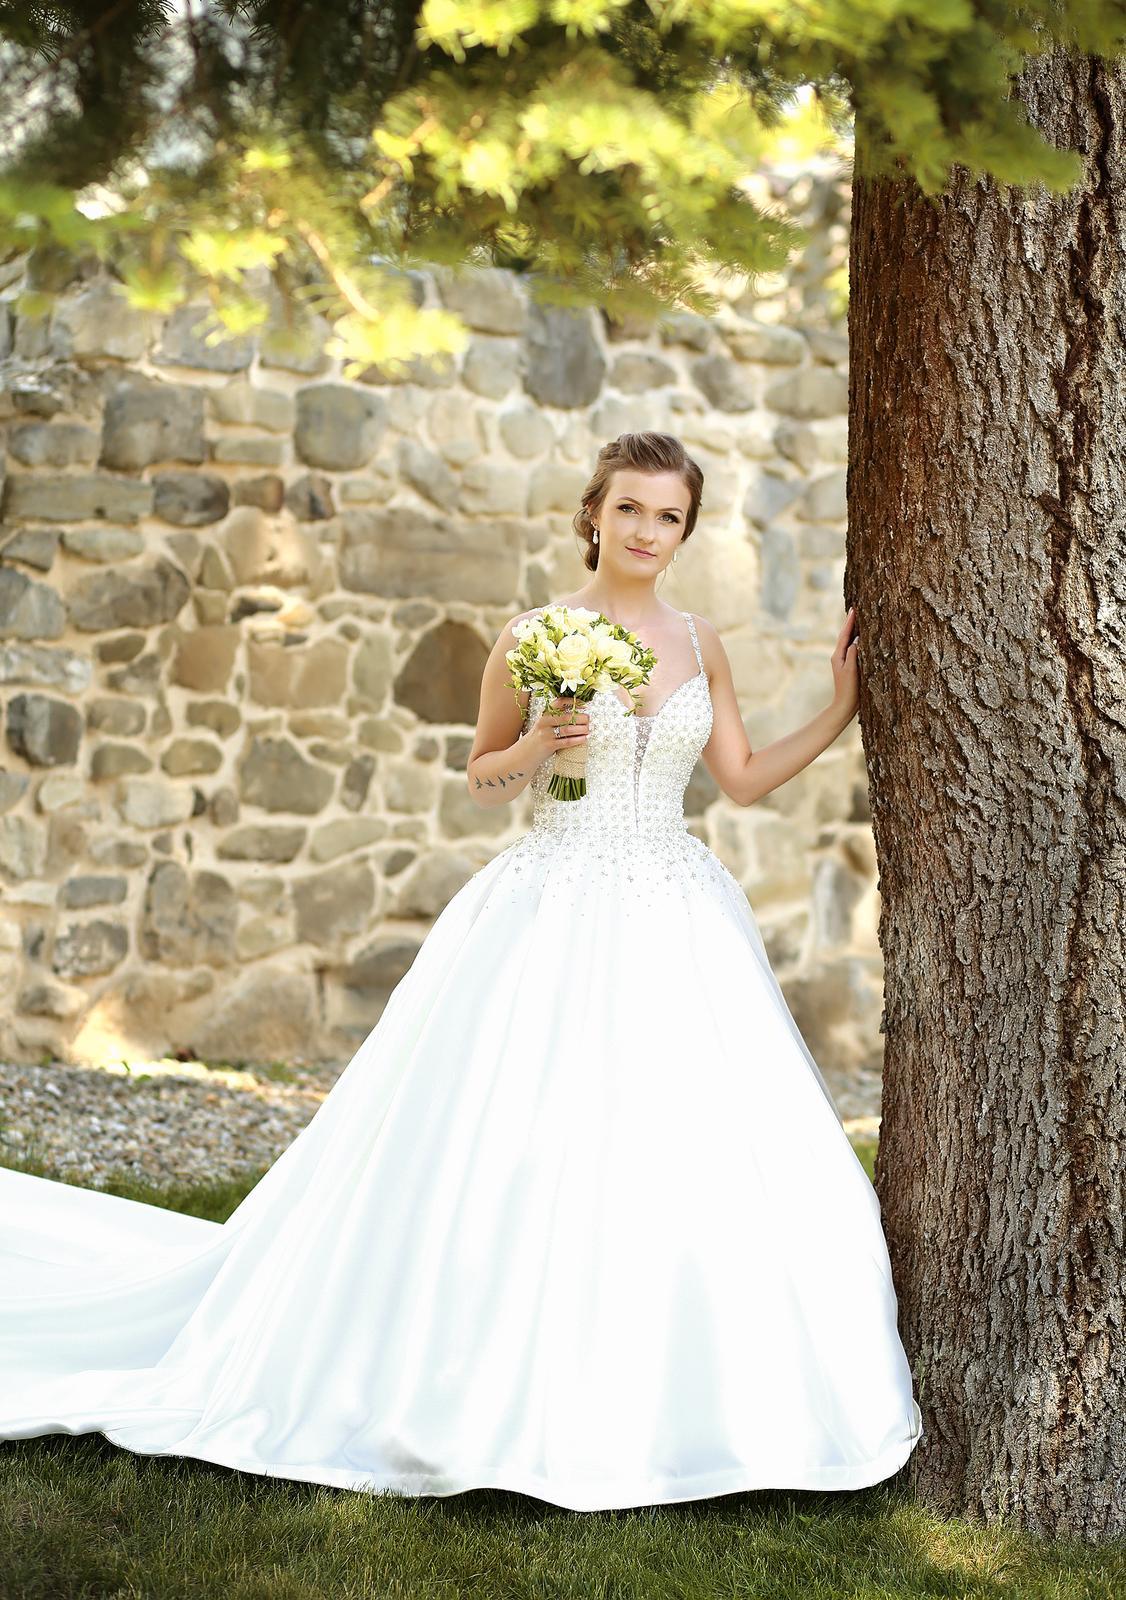 Pred svadbou som hľadal... - Obrázek č. 3